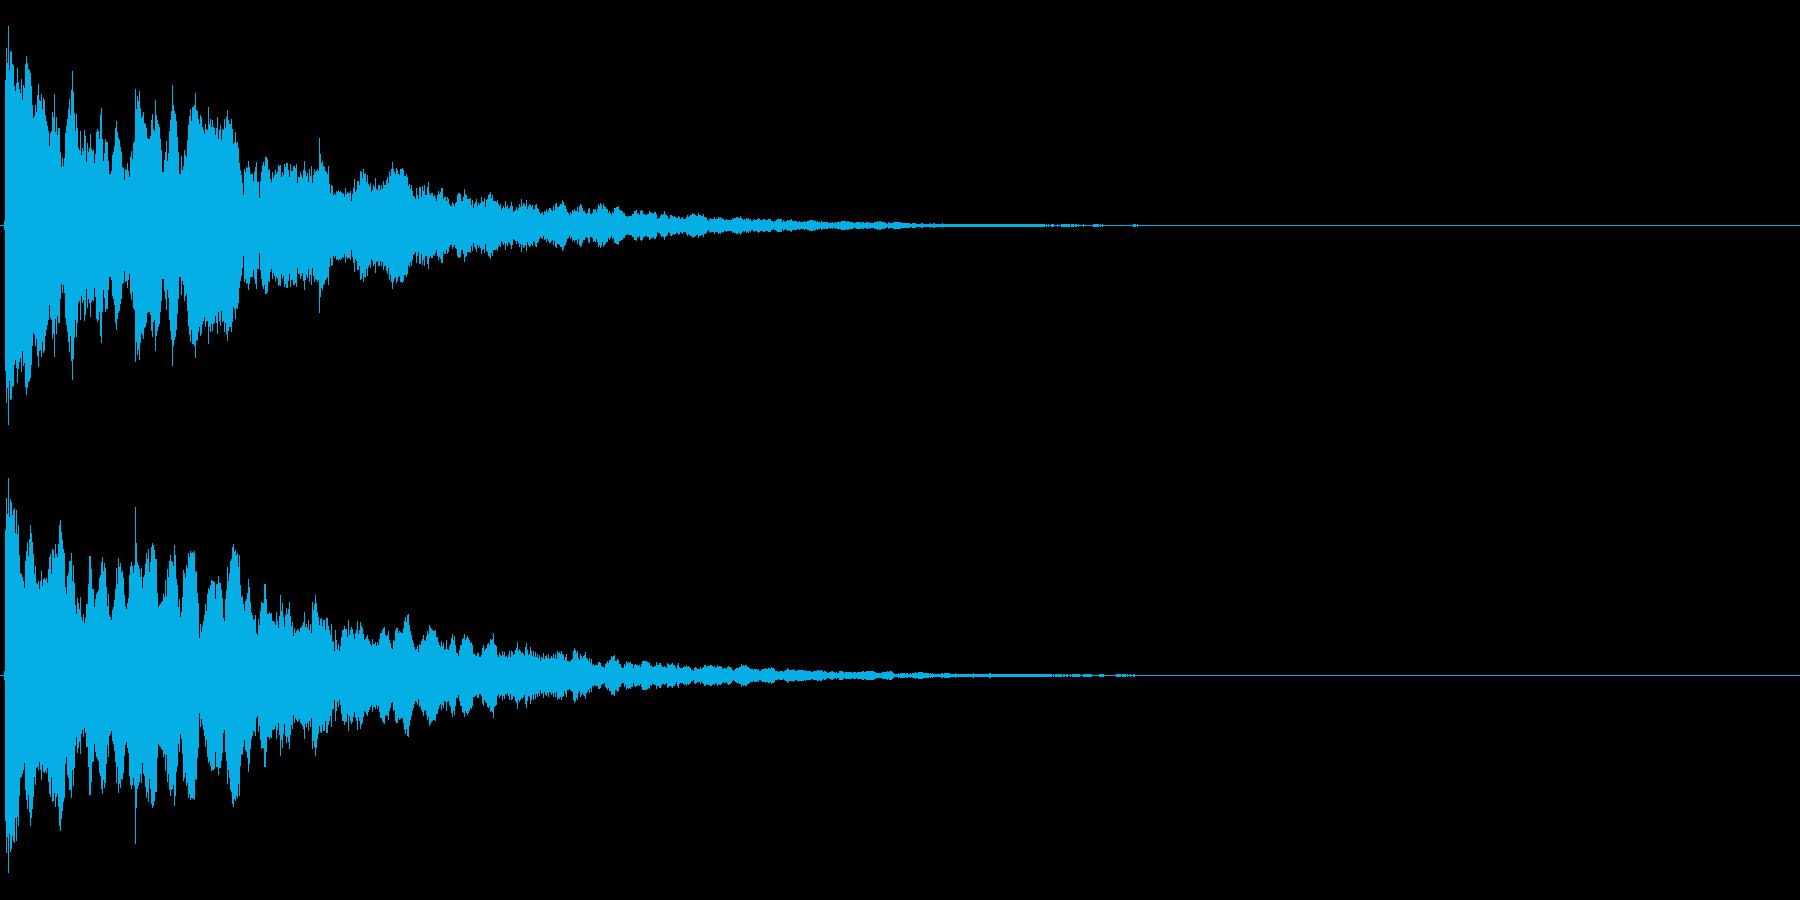 ゲームスタート、決定、ボタン音-149の再生済みの波形